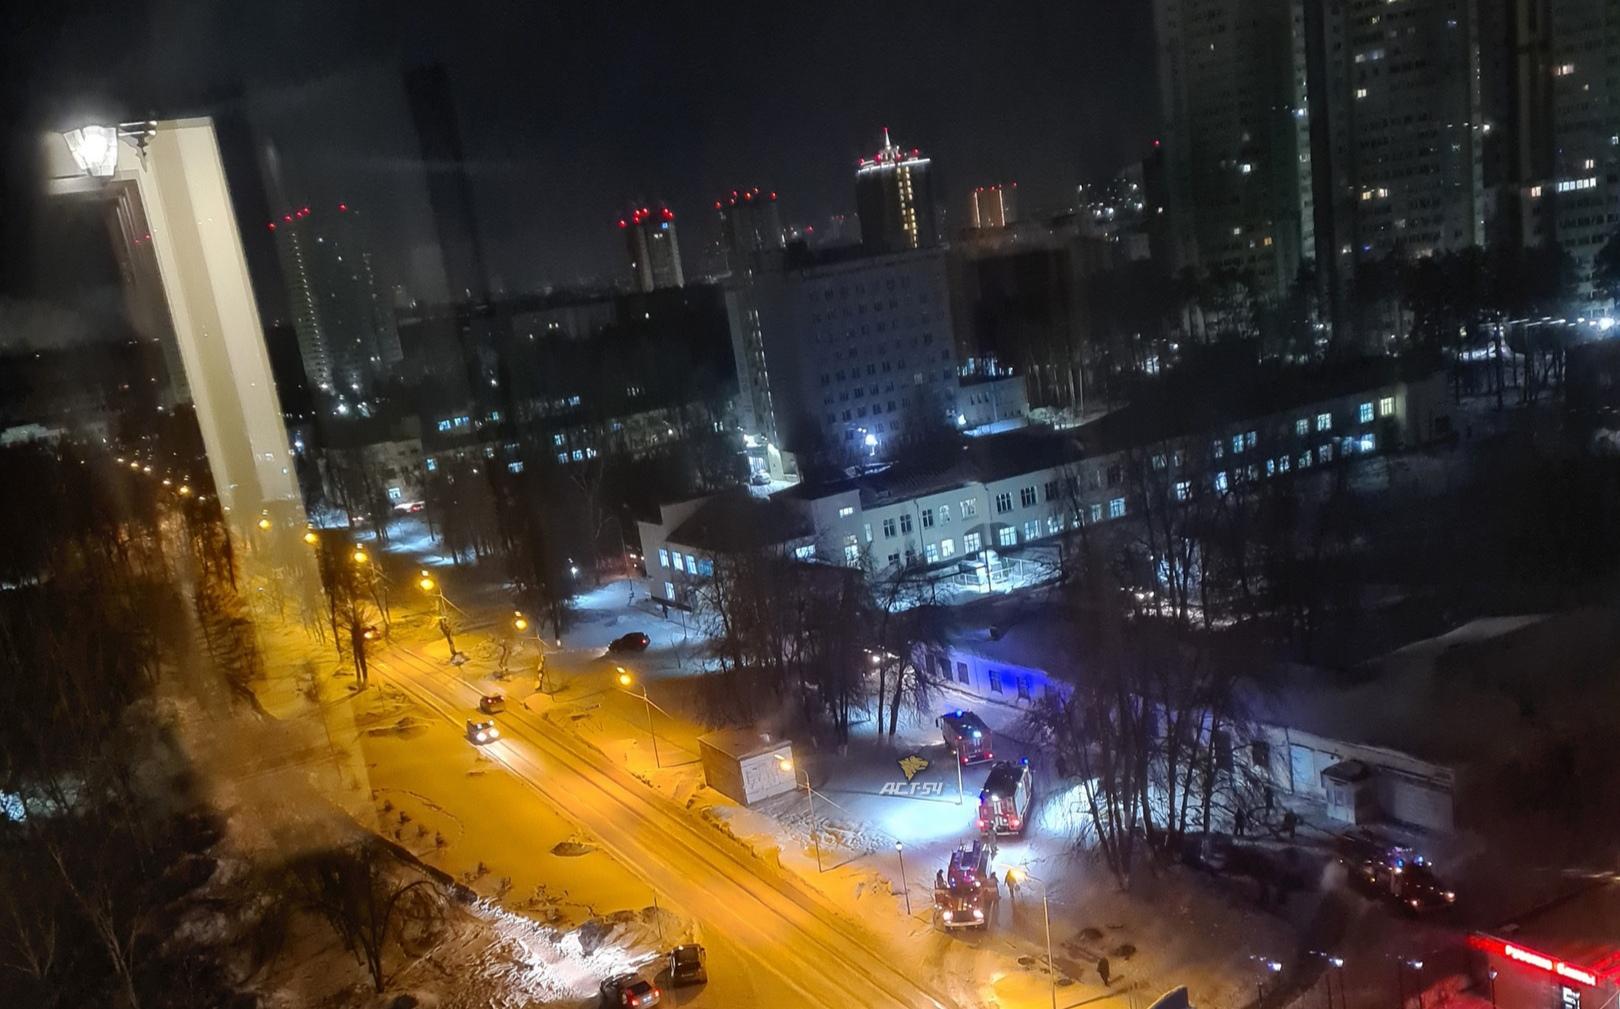 МРТ-центр пришлось экстренно тушить пожарным в Новосибирске